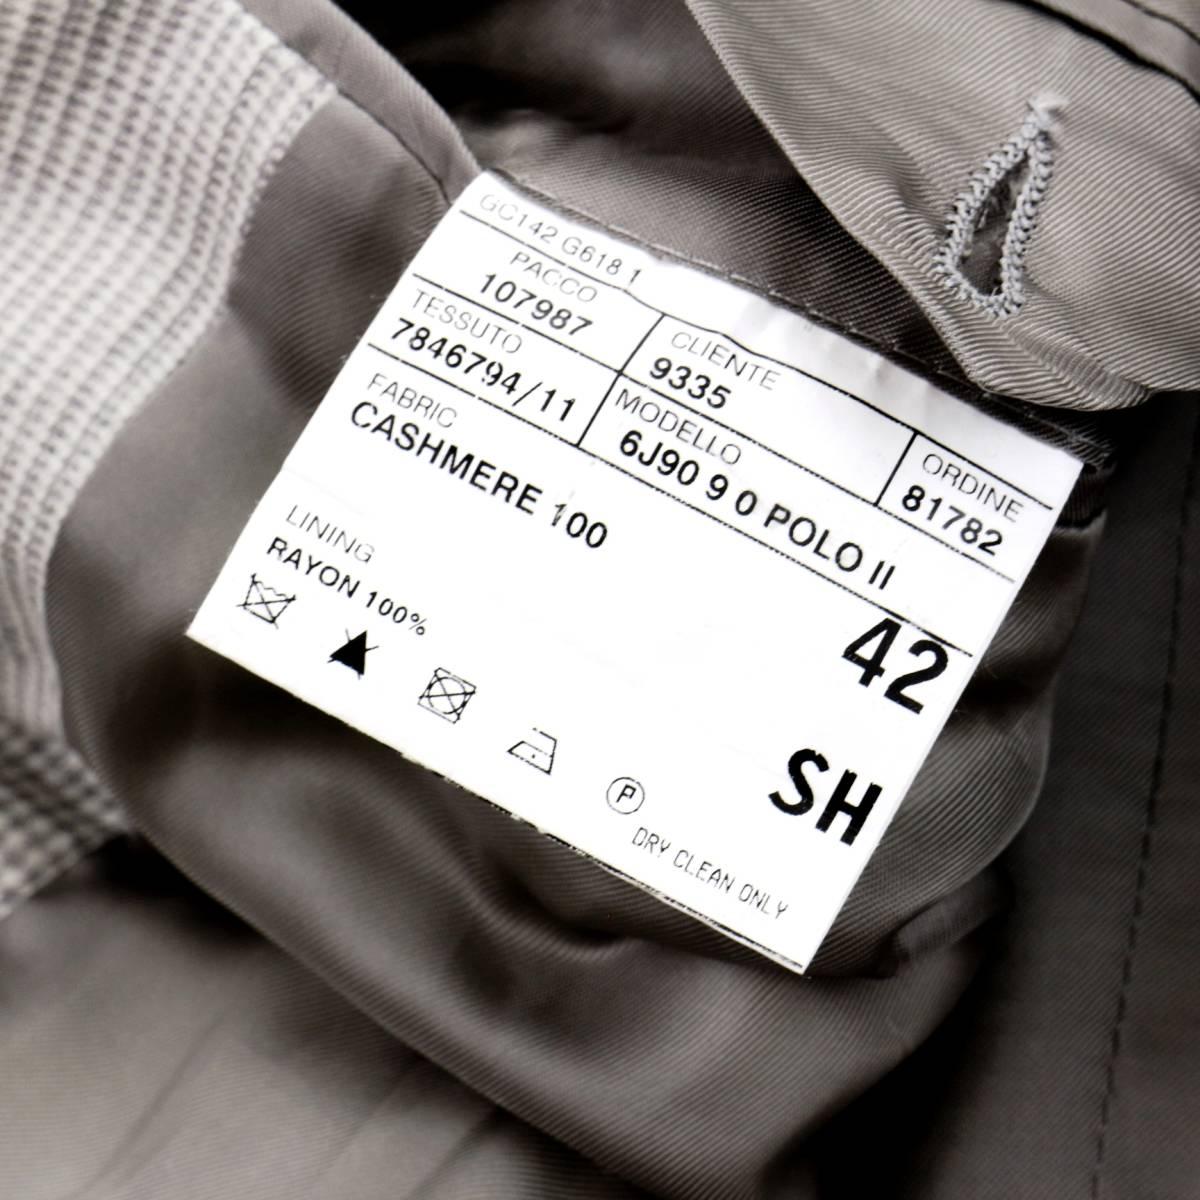 驚愕のカシミヤ100%◎!!! ラルフローレン 秋冬 イタリア製 最高級カシミヤ100%を贅沢に使用した!贅を極めた極上ジャケット 42 XL程度_画像8